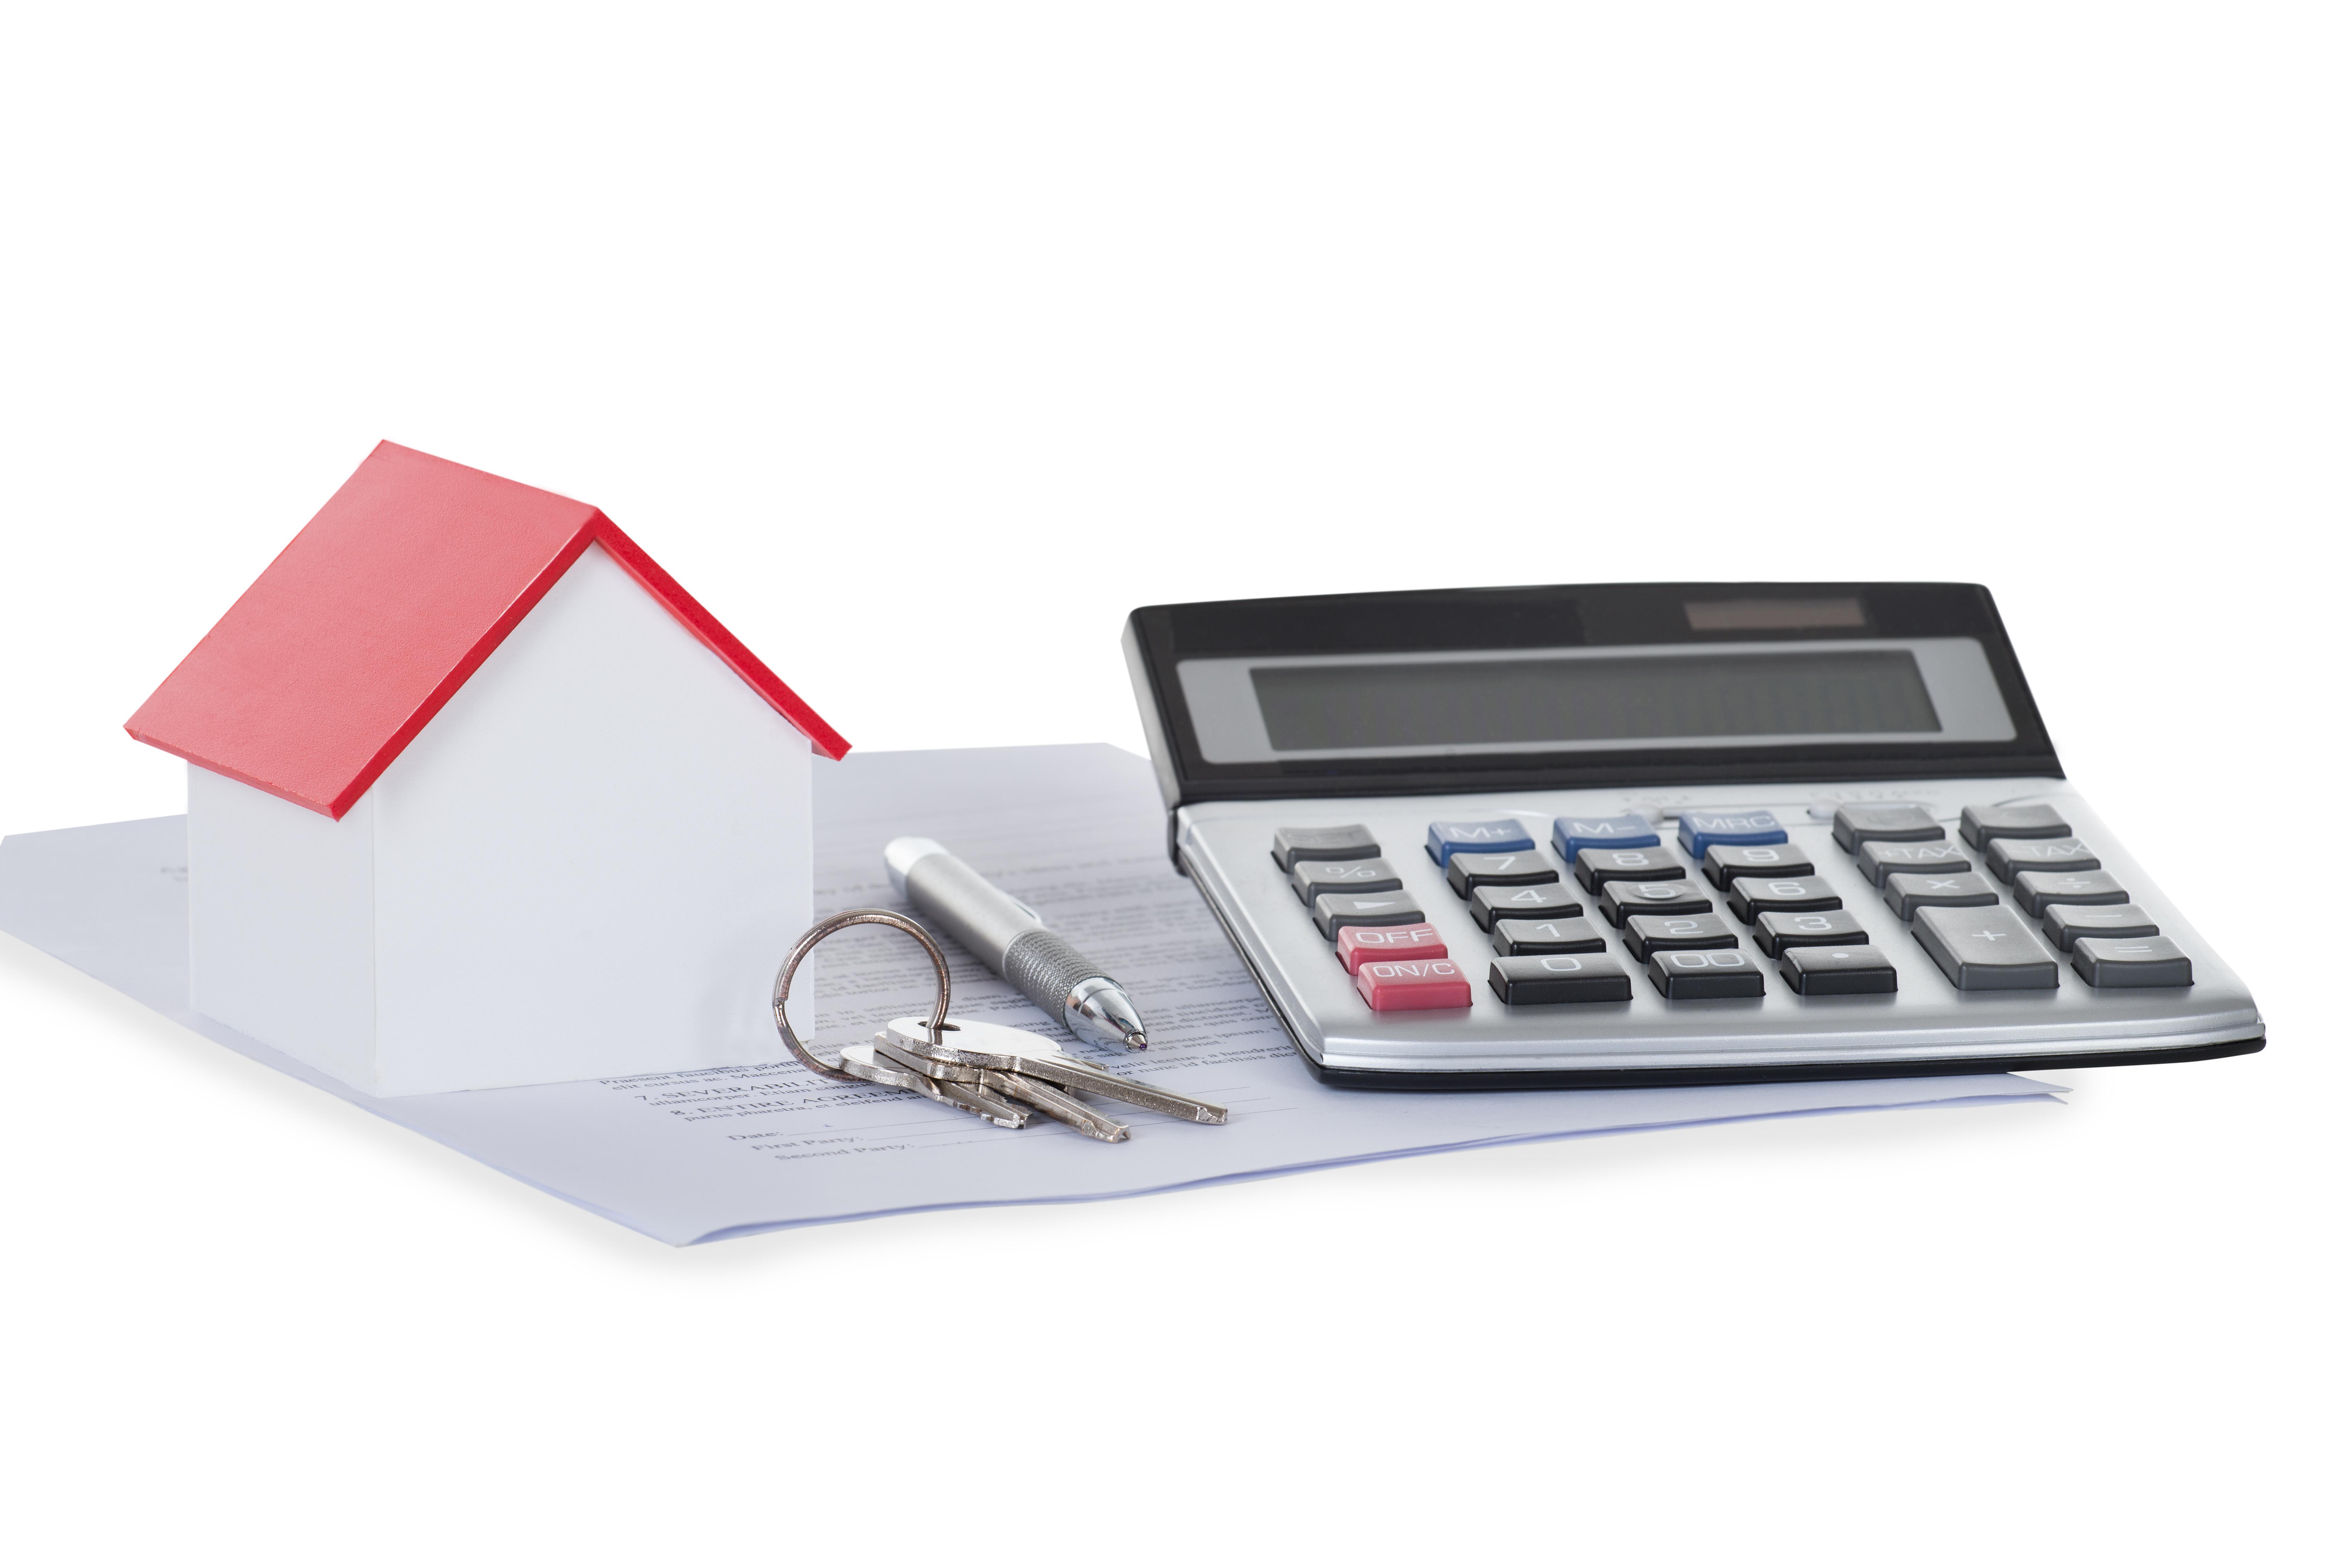 Bisogna pagare euro 200 per il contratto preliminare più euro 200 per gli acconti-prezzo